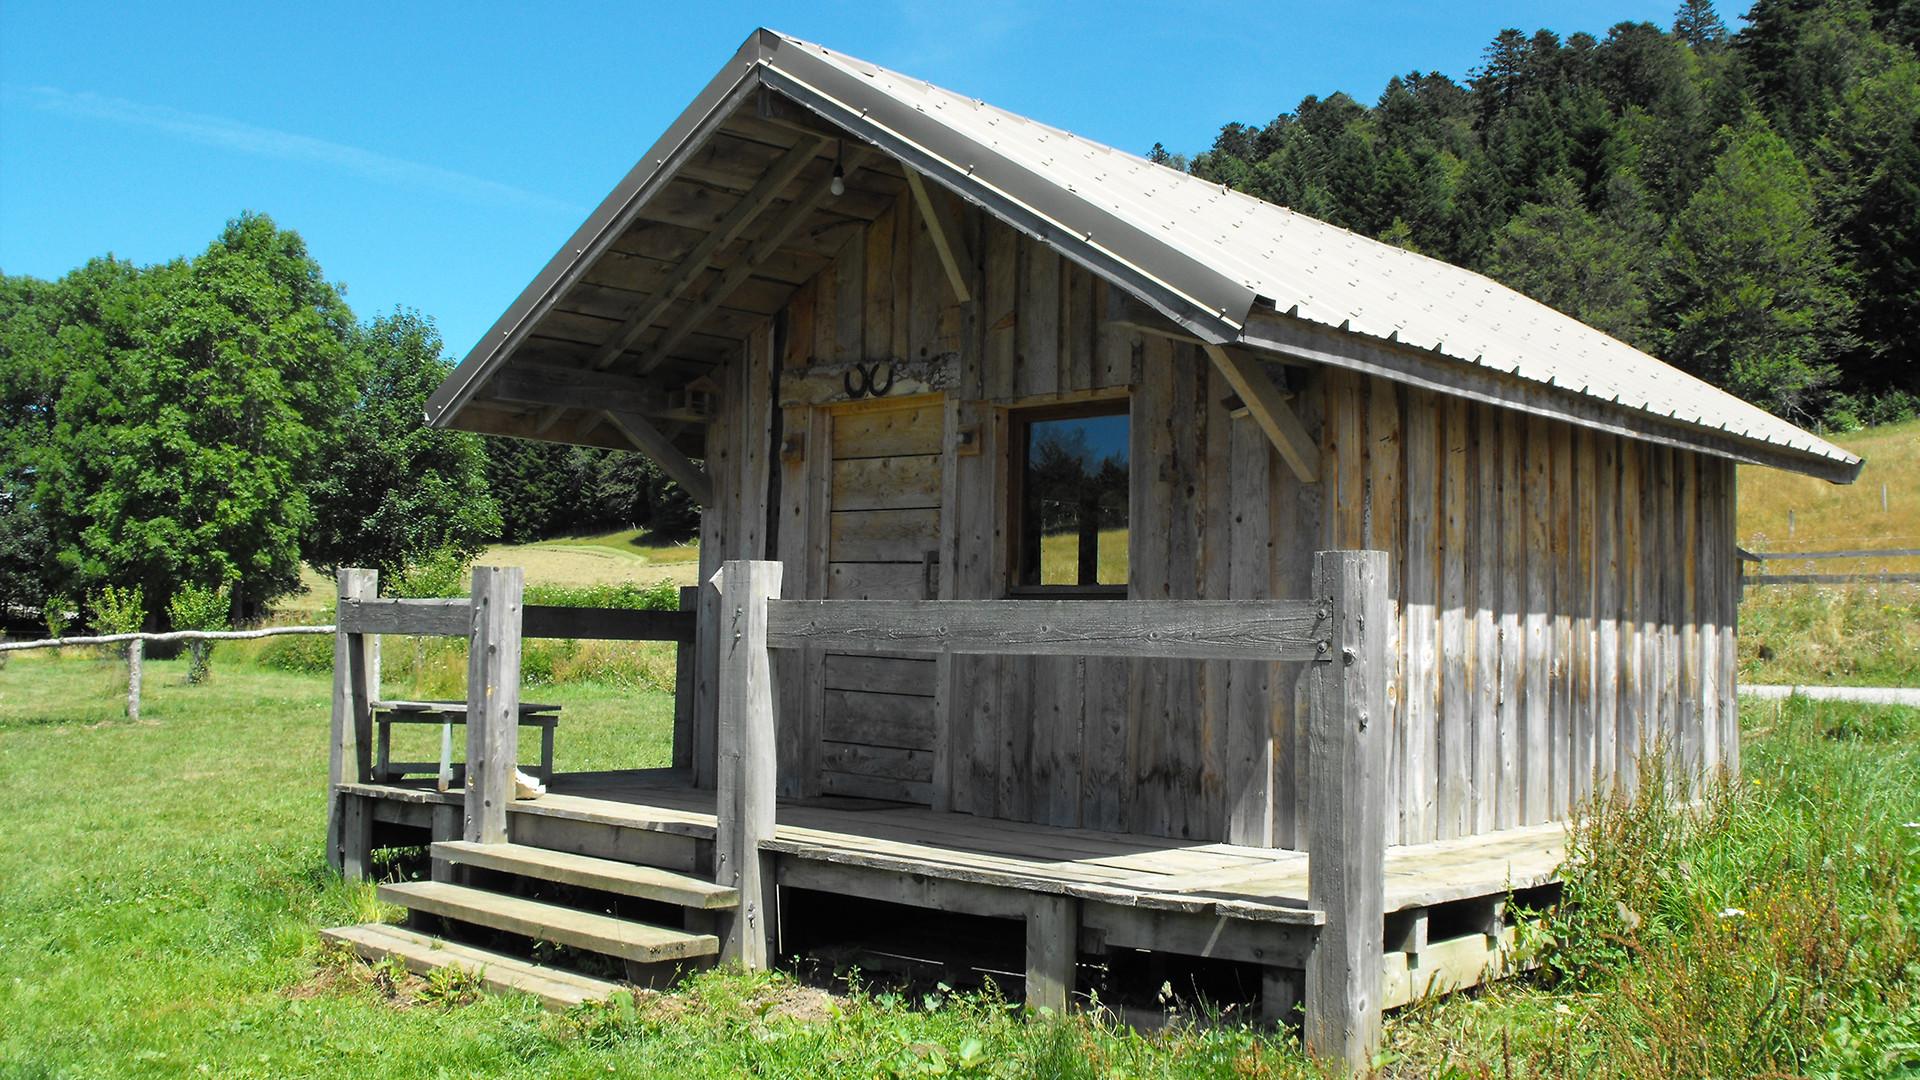 Les Chalets Nature Vercors - Location de chalets au coeur du parc naturel régional du Vercors - Nos Chalets